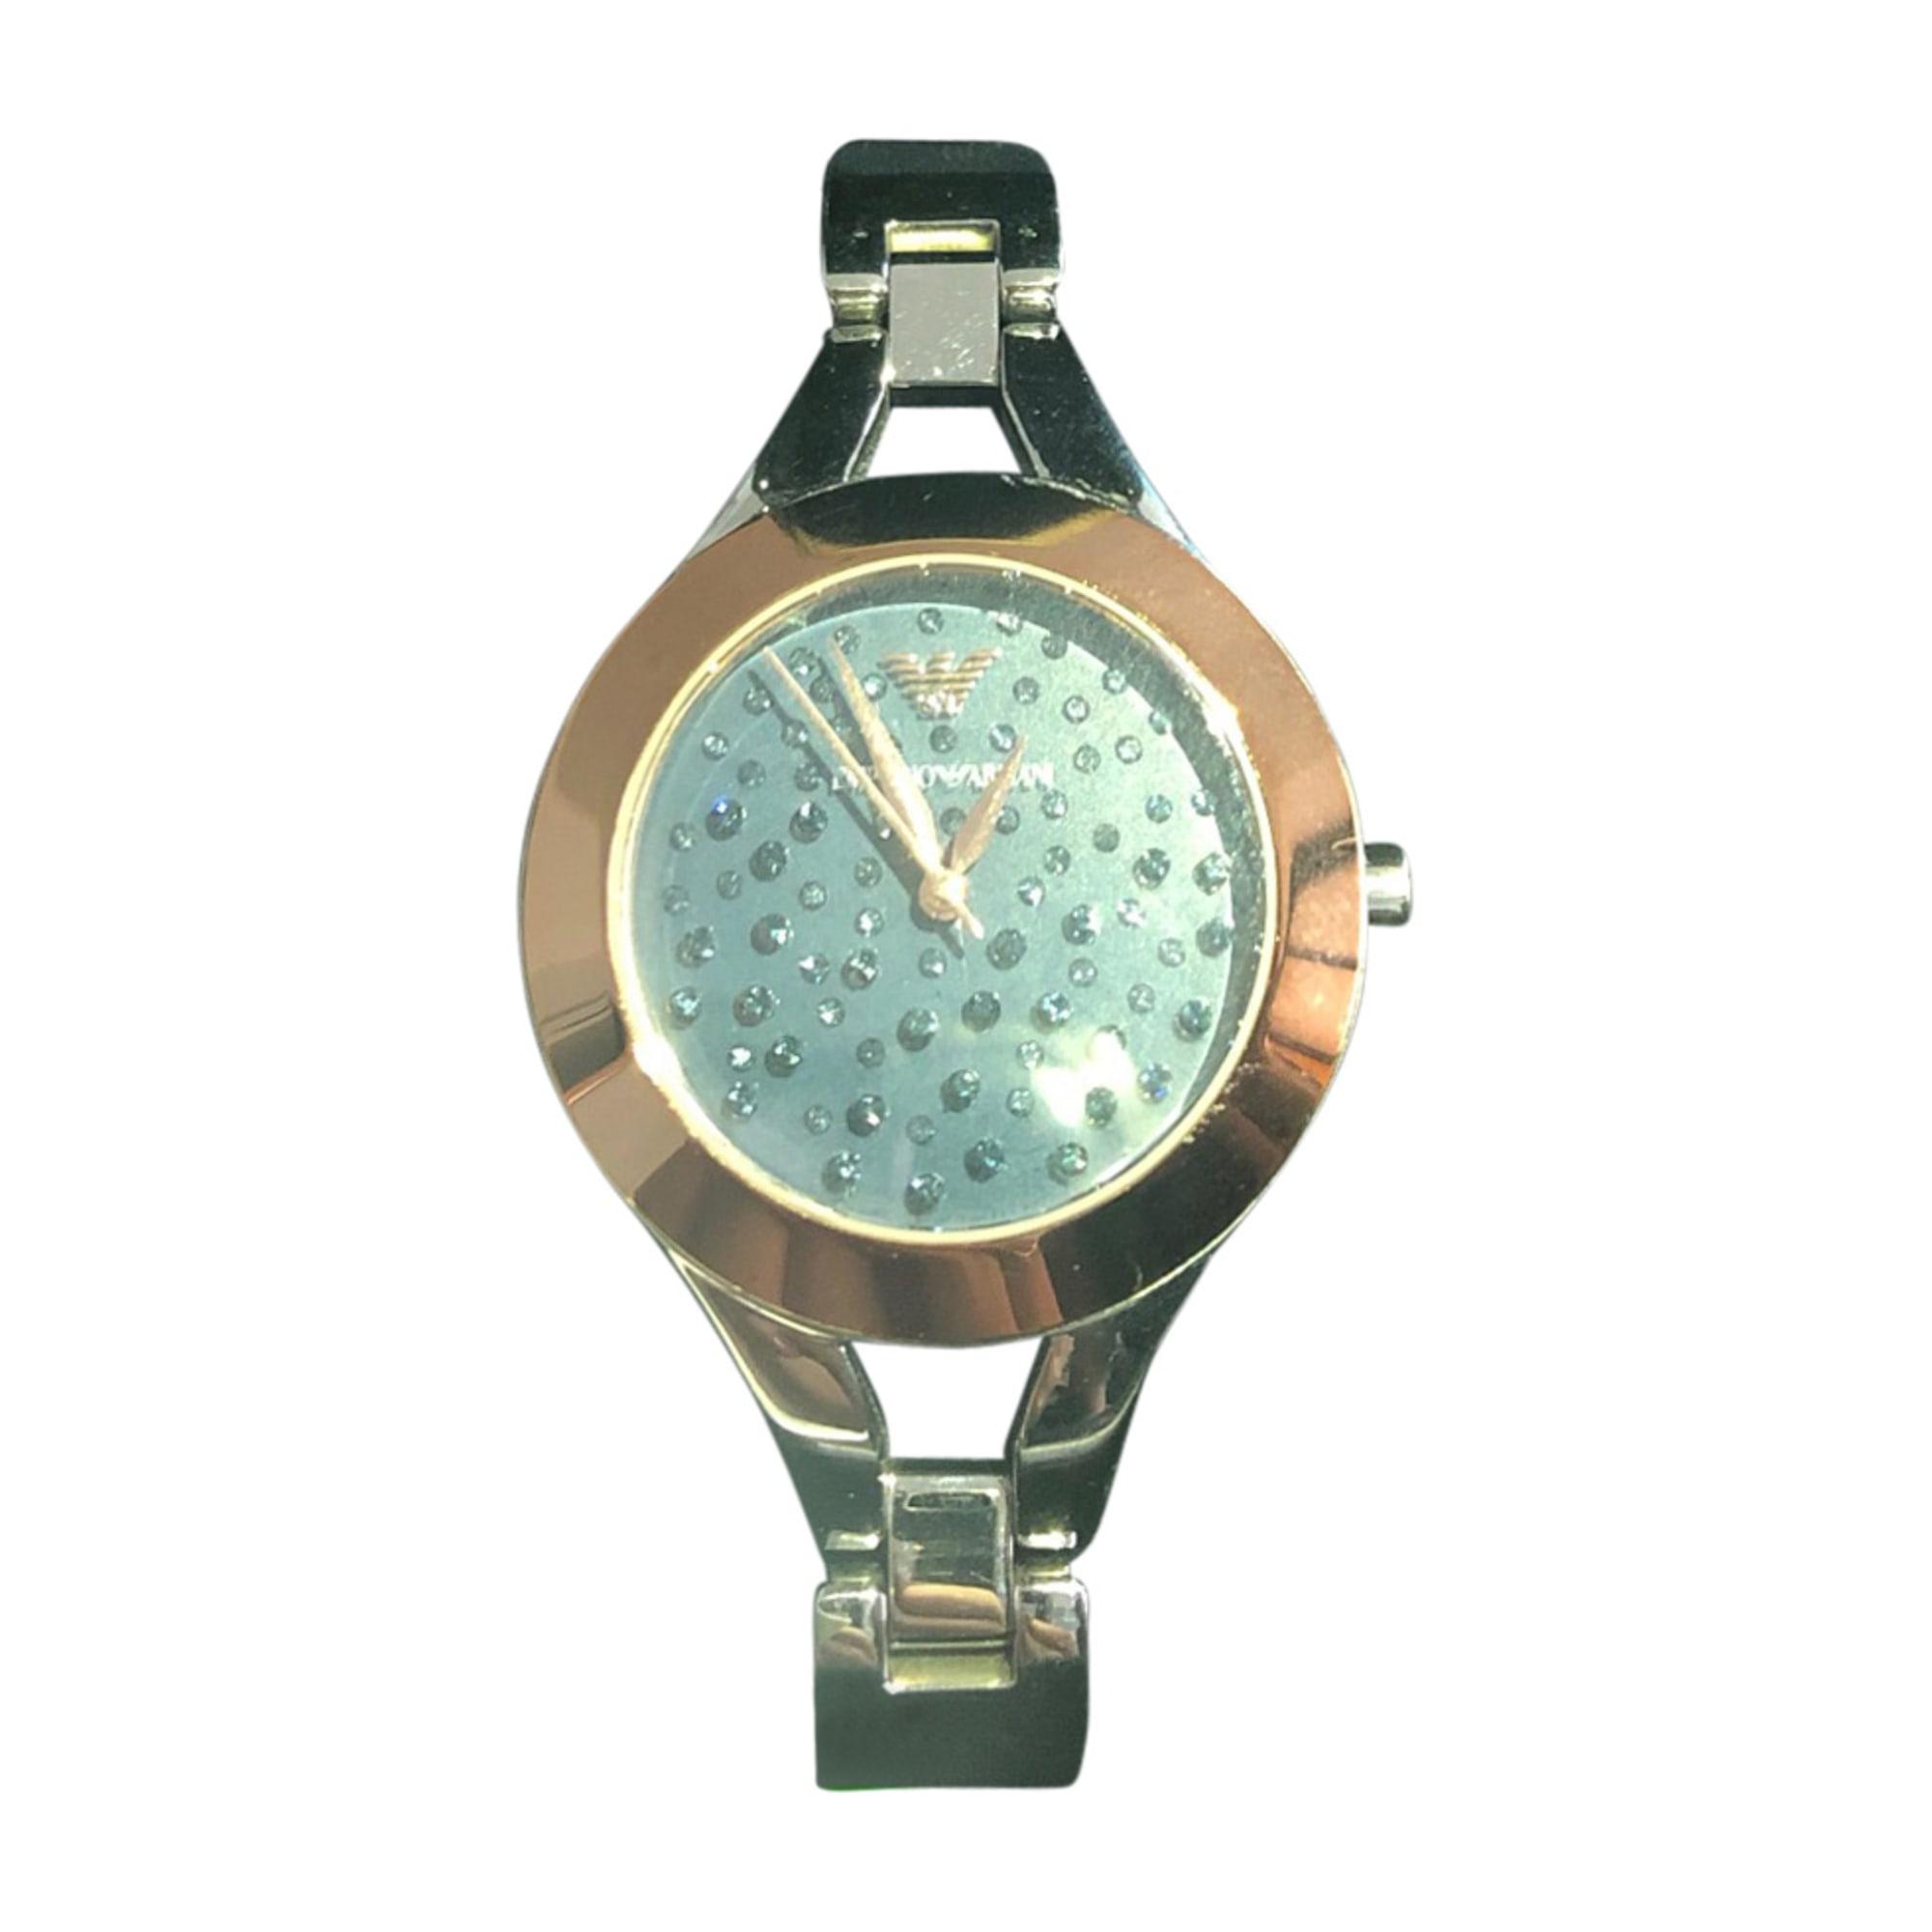 Montre au poignet EMPORIO ARMANI Bleu, bleu marine, bleu turquoise